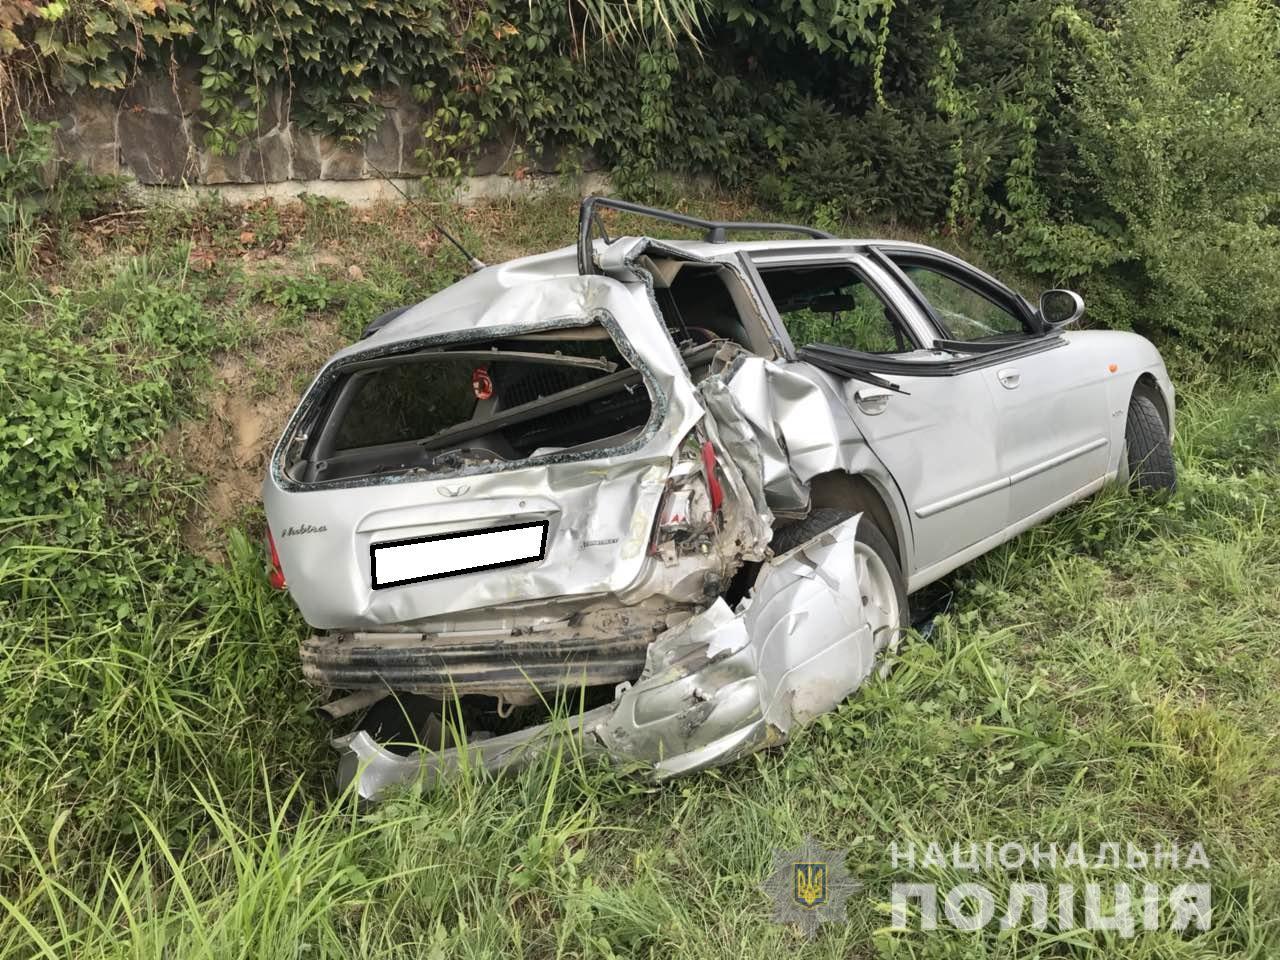 Поліцейські затримали п'яного водія вантажівки, який скоїв аварію з потерпілими і втік з місця події